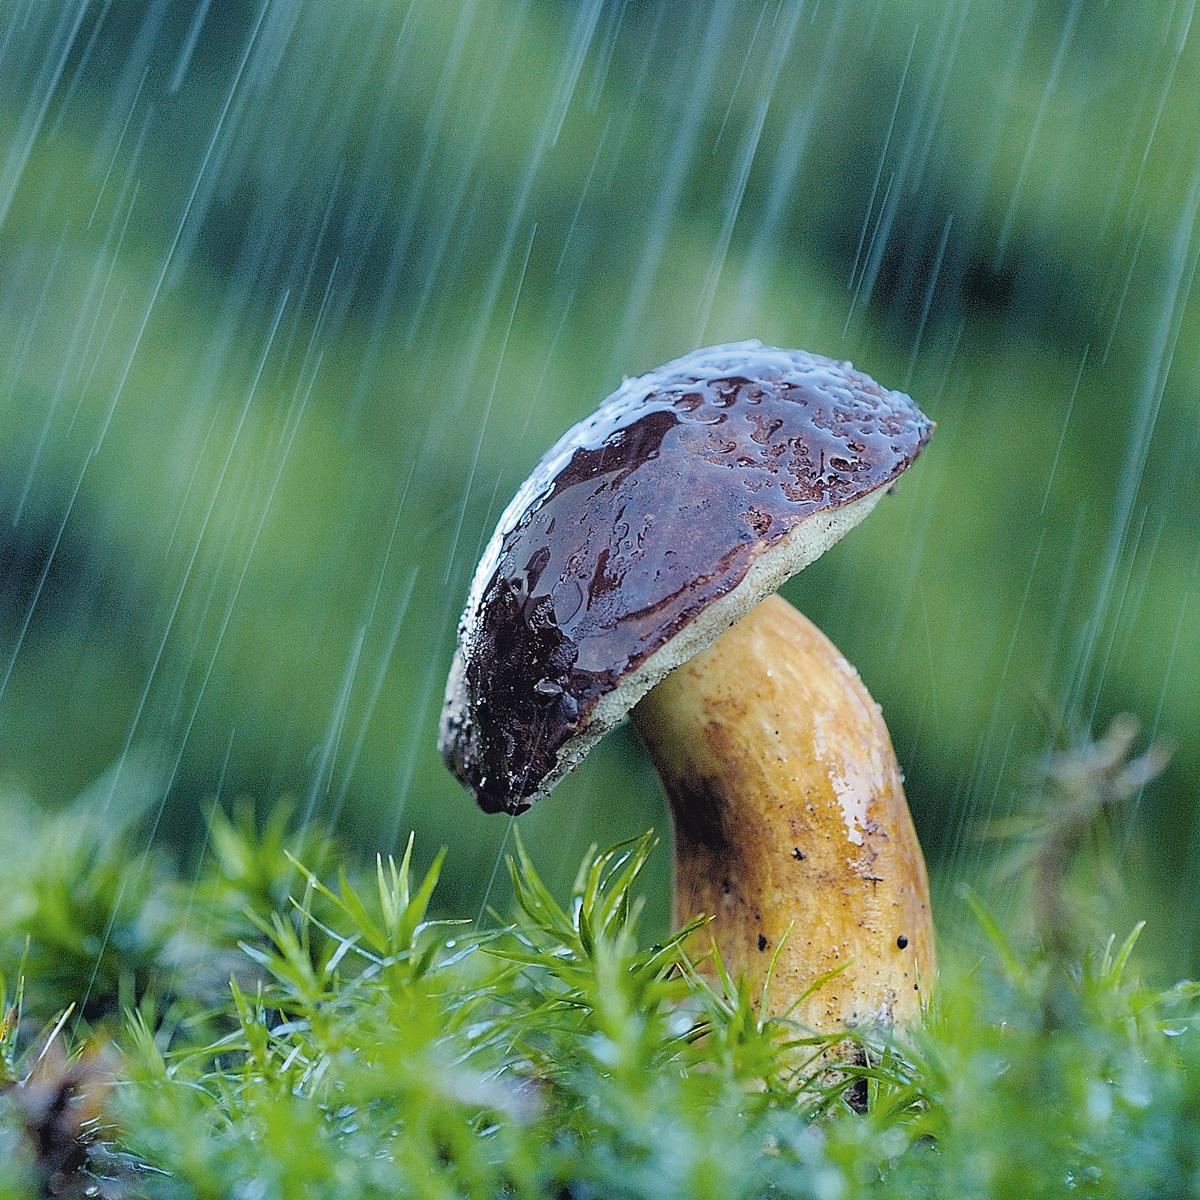 гриб под дождем картинки когда можно будет